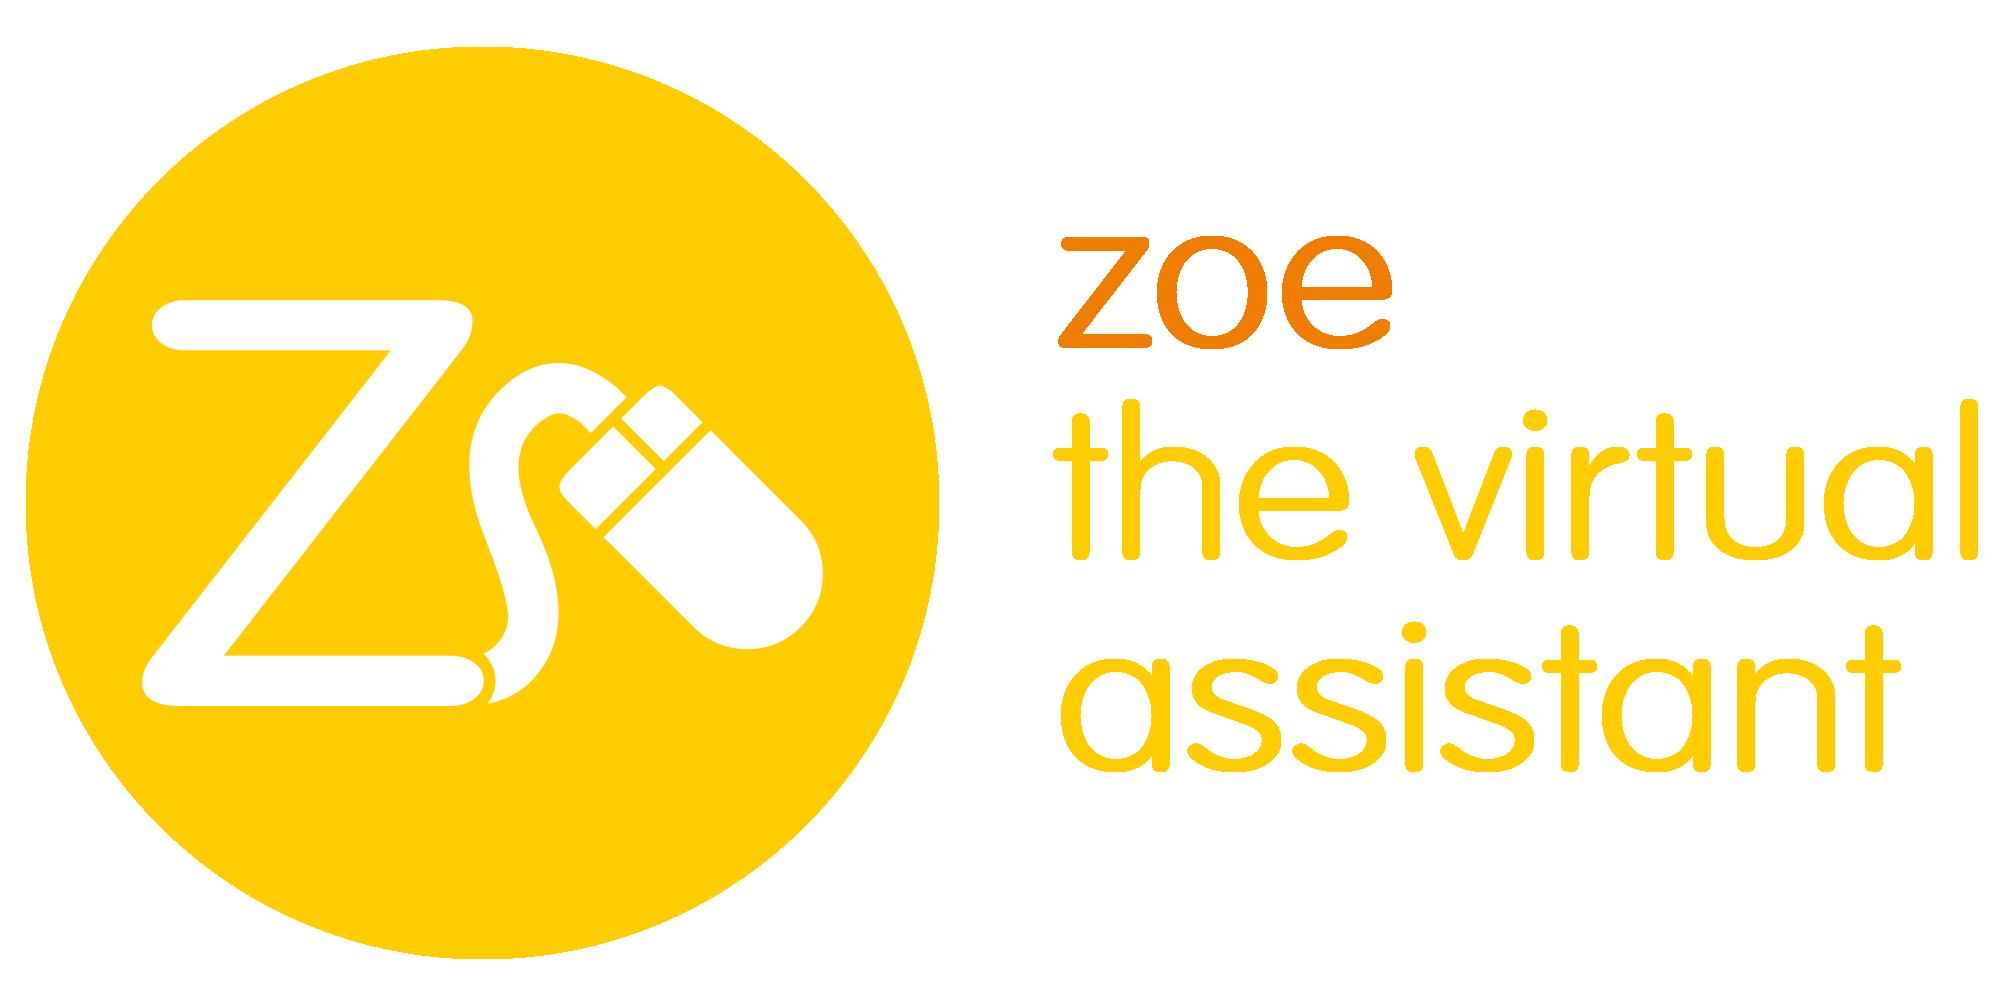 Zoe the VA